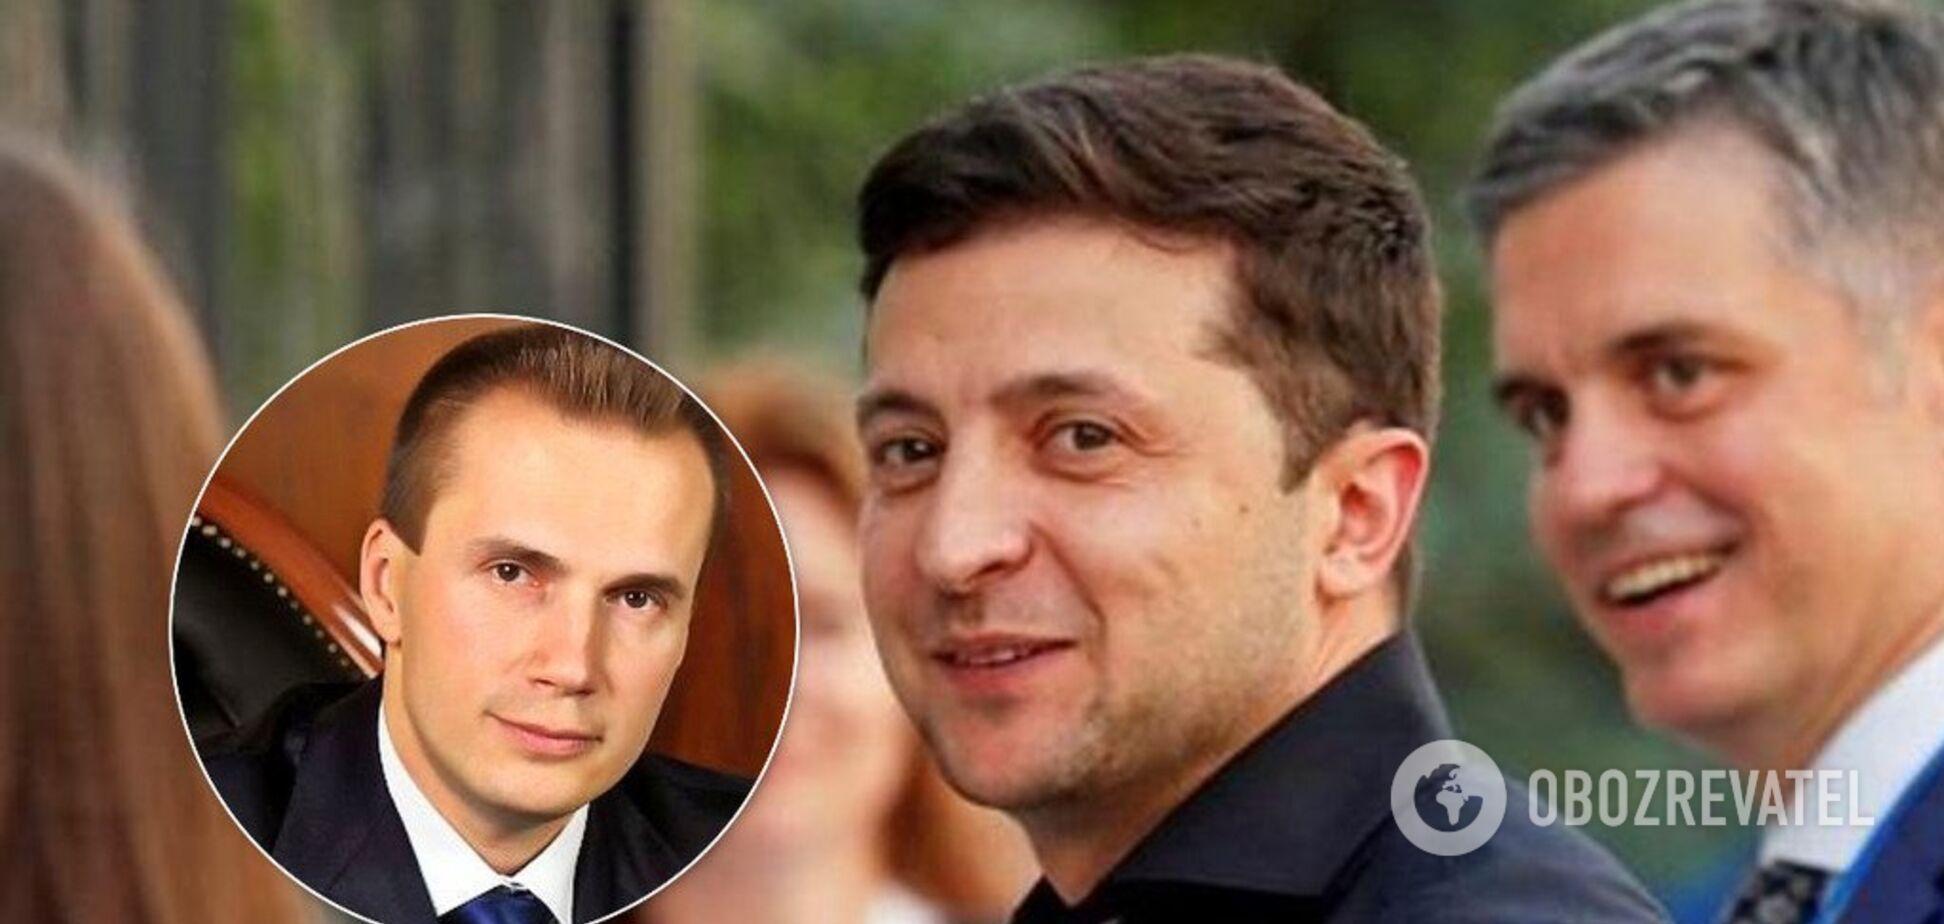 Кампанію Зеленського фінансували 'друзі' Януковича: сплив скандальний зв'язок